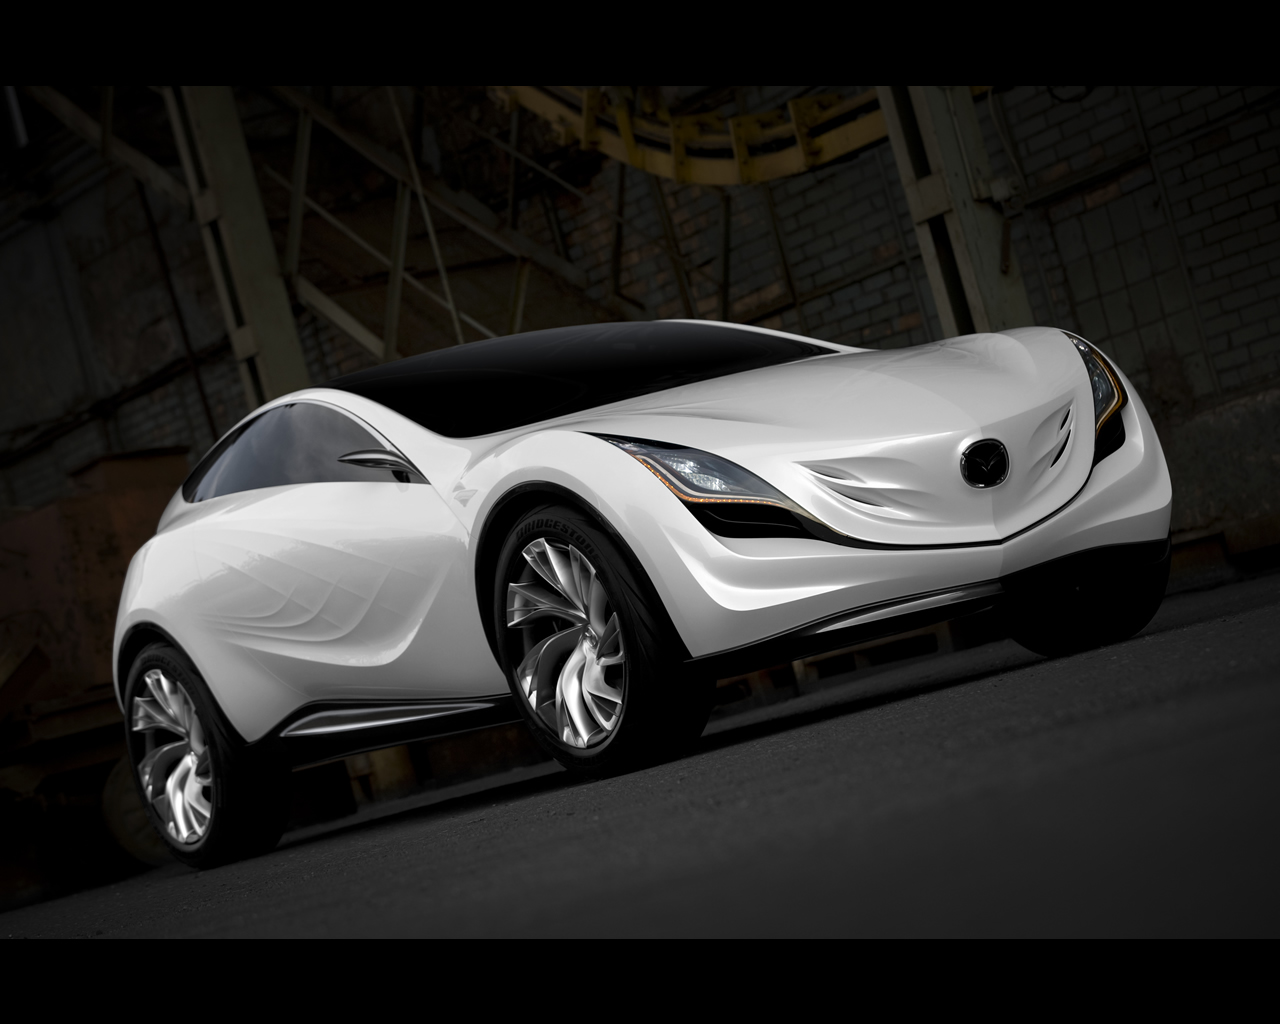 http://autoconcept-reviews.com/cars_reviews/mazda/mazda-kazamai-concept-2008/wallpaper/2.jpg